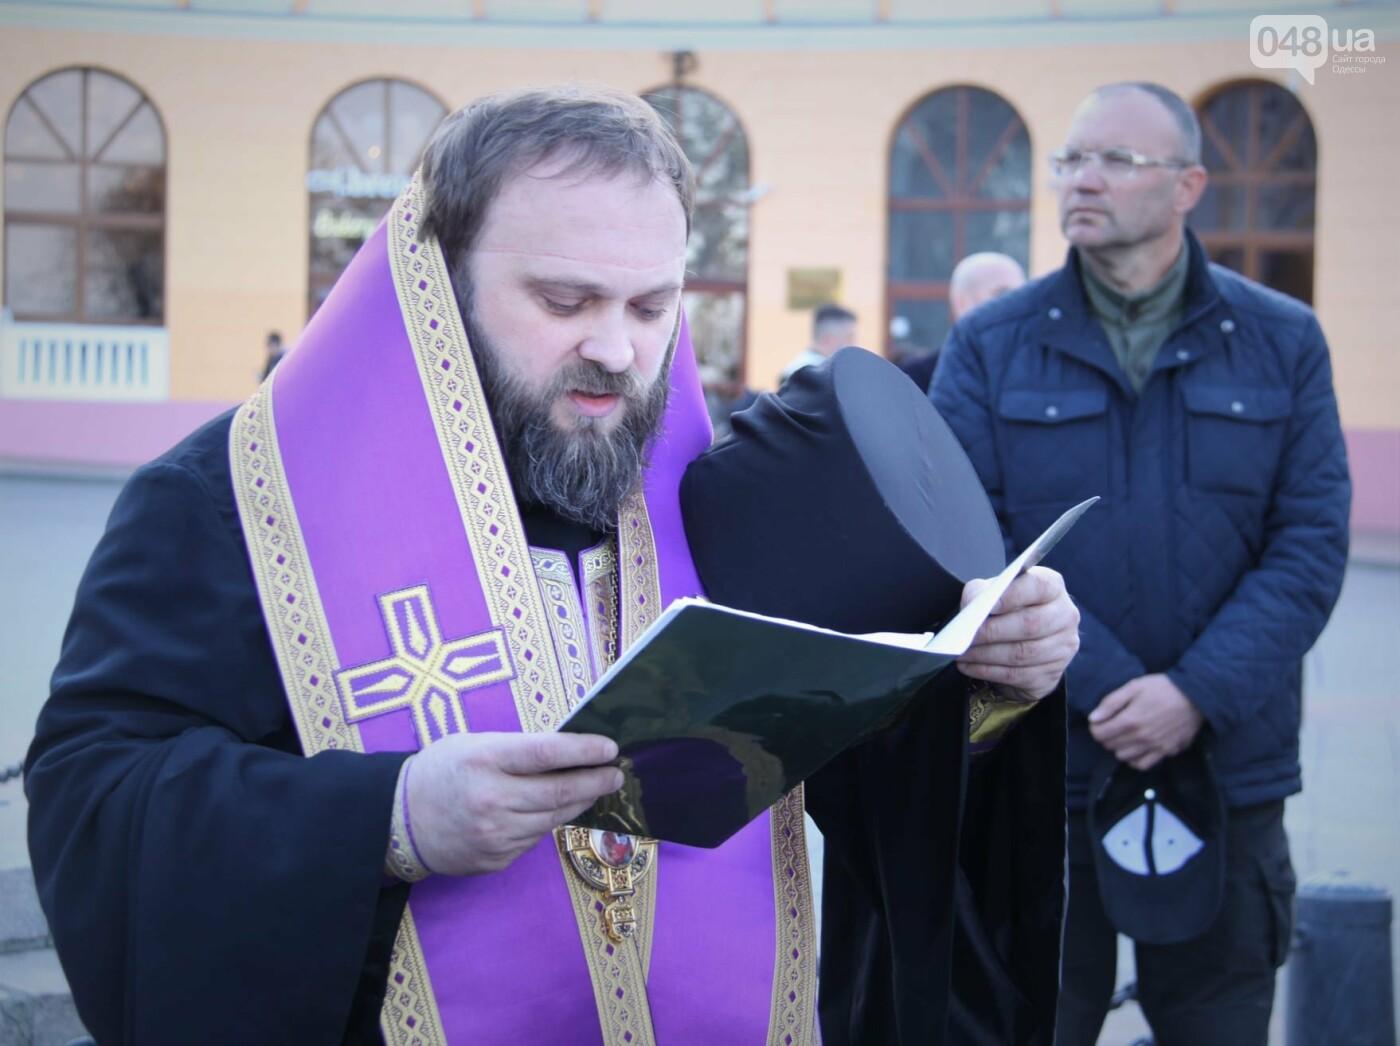 В Одессе молились за мир и прекращение войны в Украине,- ФОТО, фото-10